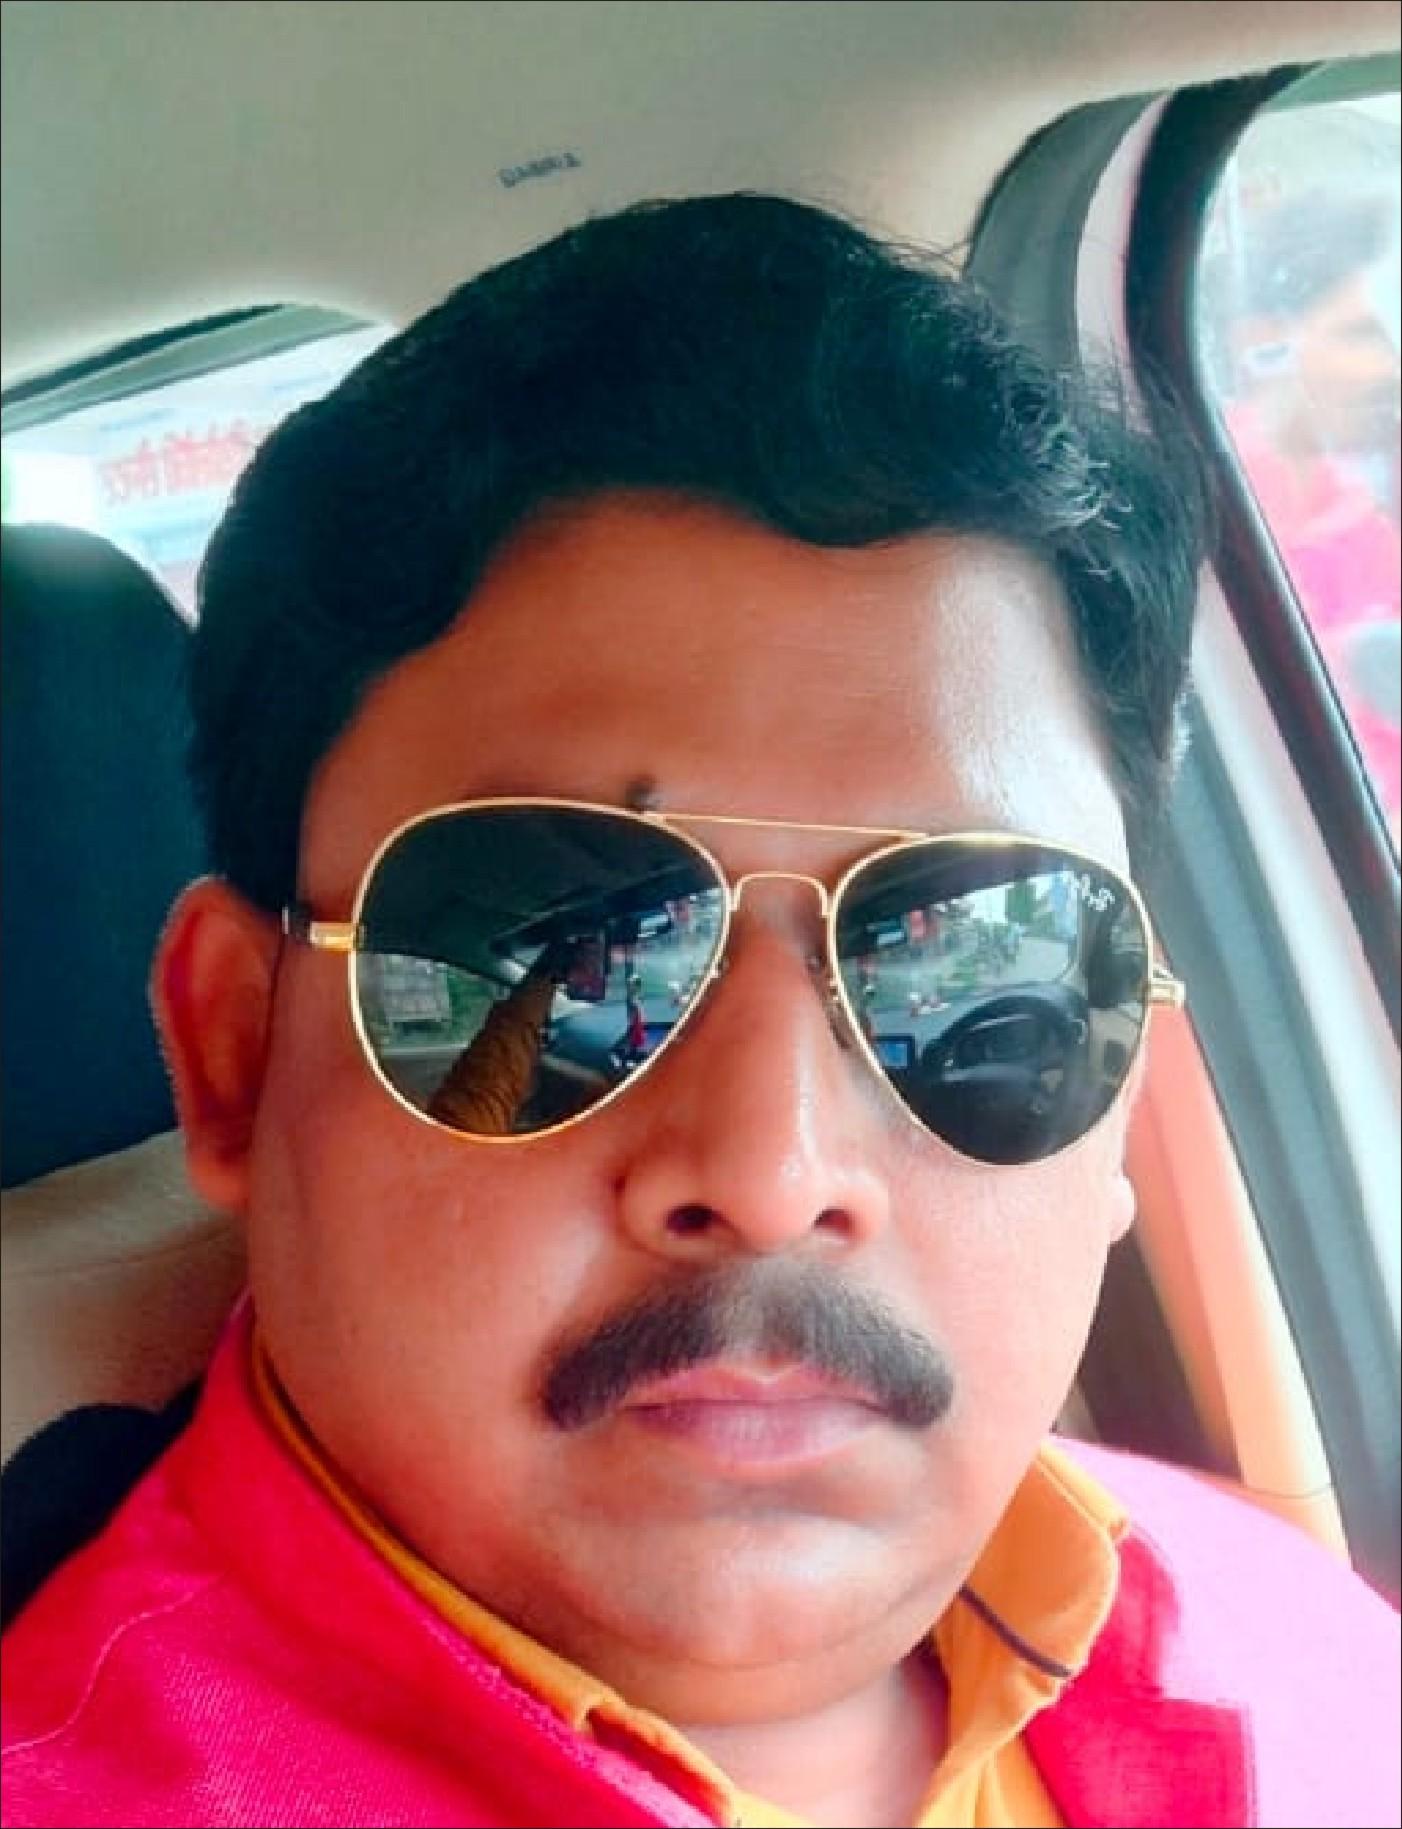 रोहनिया, वाराणसी। सामाजिक न्याय के लिए सदैव समर्पित और जरूरतमंद लोगों की सेवा में तत्पर खड़े रहने वाले कार्यकर्ता ओपी कश्यप को अंतरराष्ट्रीय मानव अधिकार सामाजिक न्याय संगठन द्वारा प्रदेश महासचिव मनोनीत किया गया। राष्ट्रीय अध्यक्ष डा. राकेश मिश्रा द्वारा श्री कश्यप का मनोनयन किया गया। बता दें कि श्री कश्यप पूर्व में संगठन के प्रदेश सचिव पद पर रहकर समस्त प्रदेश में उत्कृष्ट कार्य कर चुके है। पेशे से बिजनेसमैन मूल रूप से बनारस के निवासी हैं जो पिछले कई वर्षों से मानव अधिकार व सामाजिक न्याय के क्षेत्र में विभिन्न कार्यक्रम व क्रियाकलापों में अपना योगदान करते रहे हैं। इस मनोनयन पर राष्ट्रीय अध्यक्ष राकेश मिश्रा, राष्ट्रीय सचिव शीतांशु पाण्डेय, प्रदेश अध्यक्ष रजत द्विवेदी और प्रदेश उपाध्यक्ष सुनील सिंह ने श्री कश्यप के उत्कृष्ट कार्य व नये कार्यभार की सराहना किया।